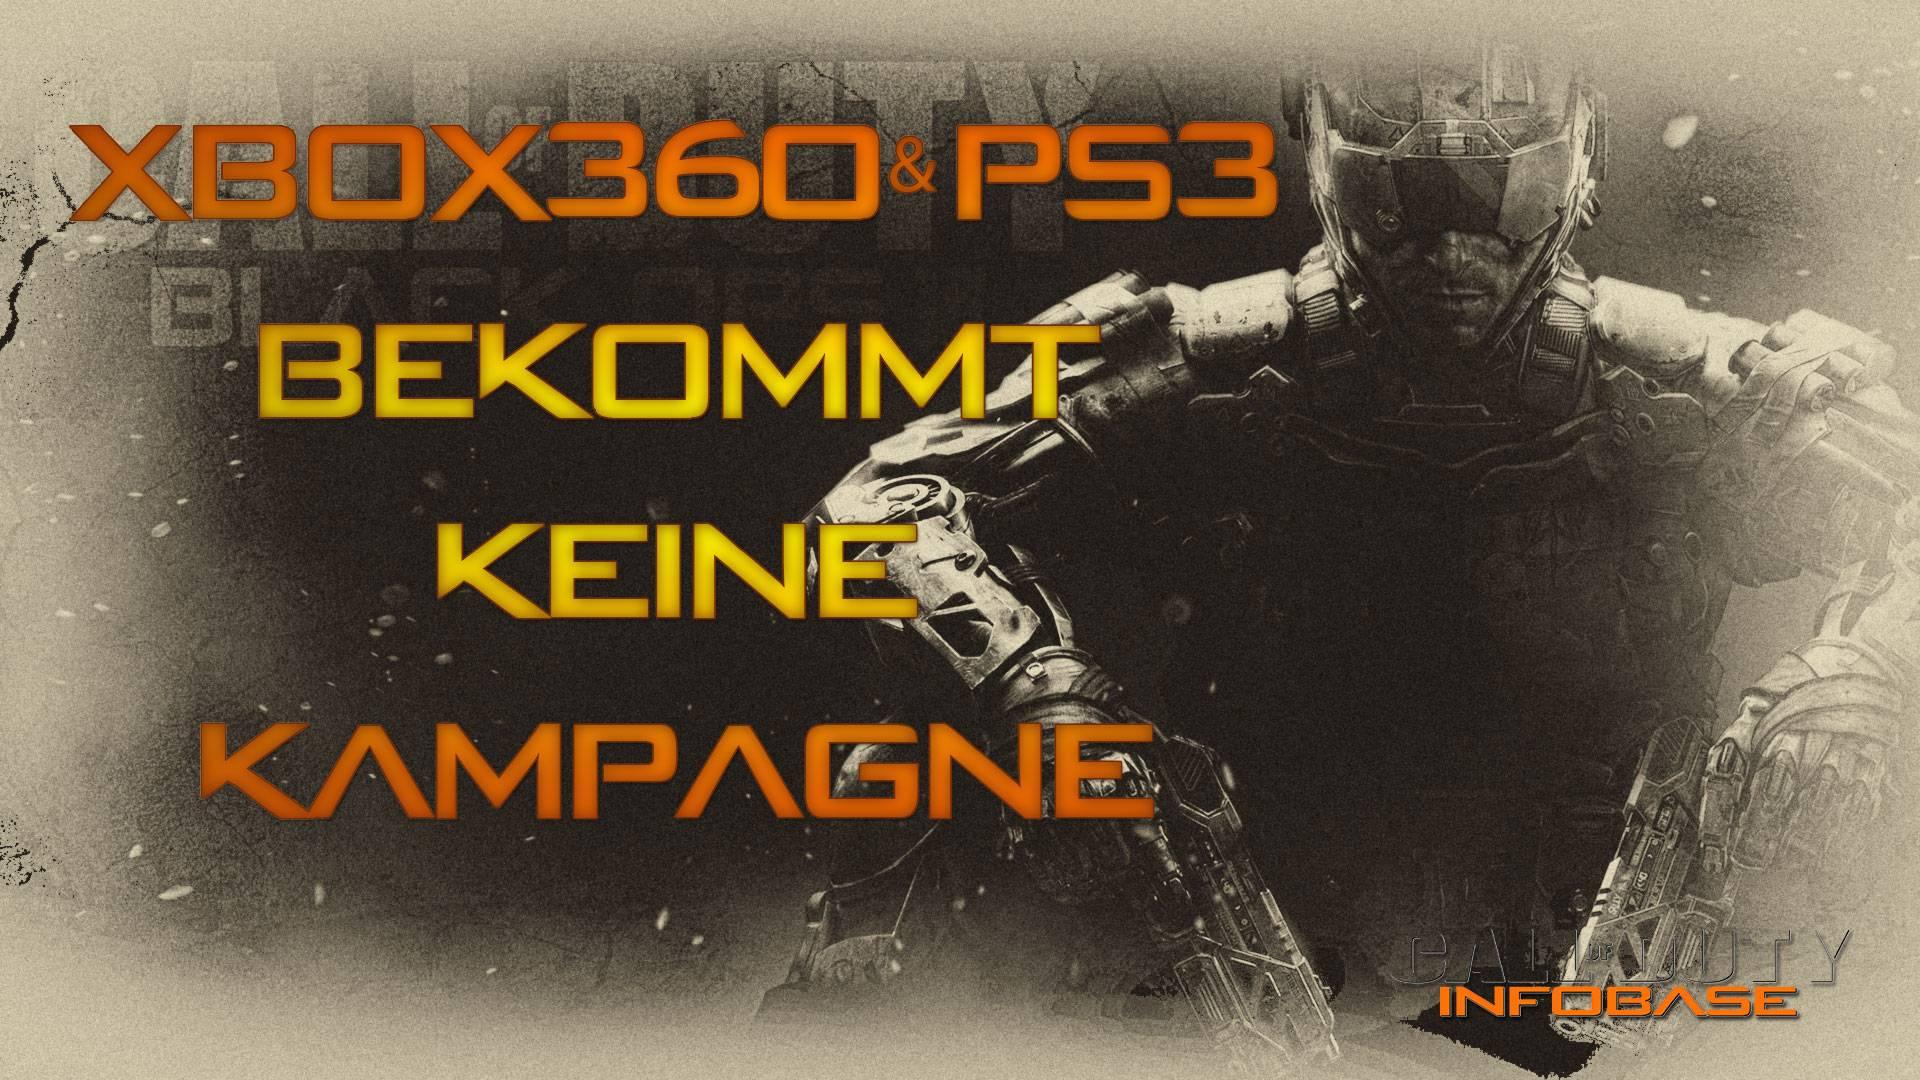 bo3_xbox360_ps3_kampagne